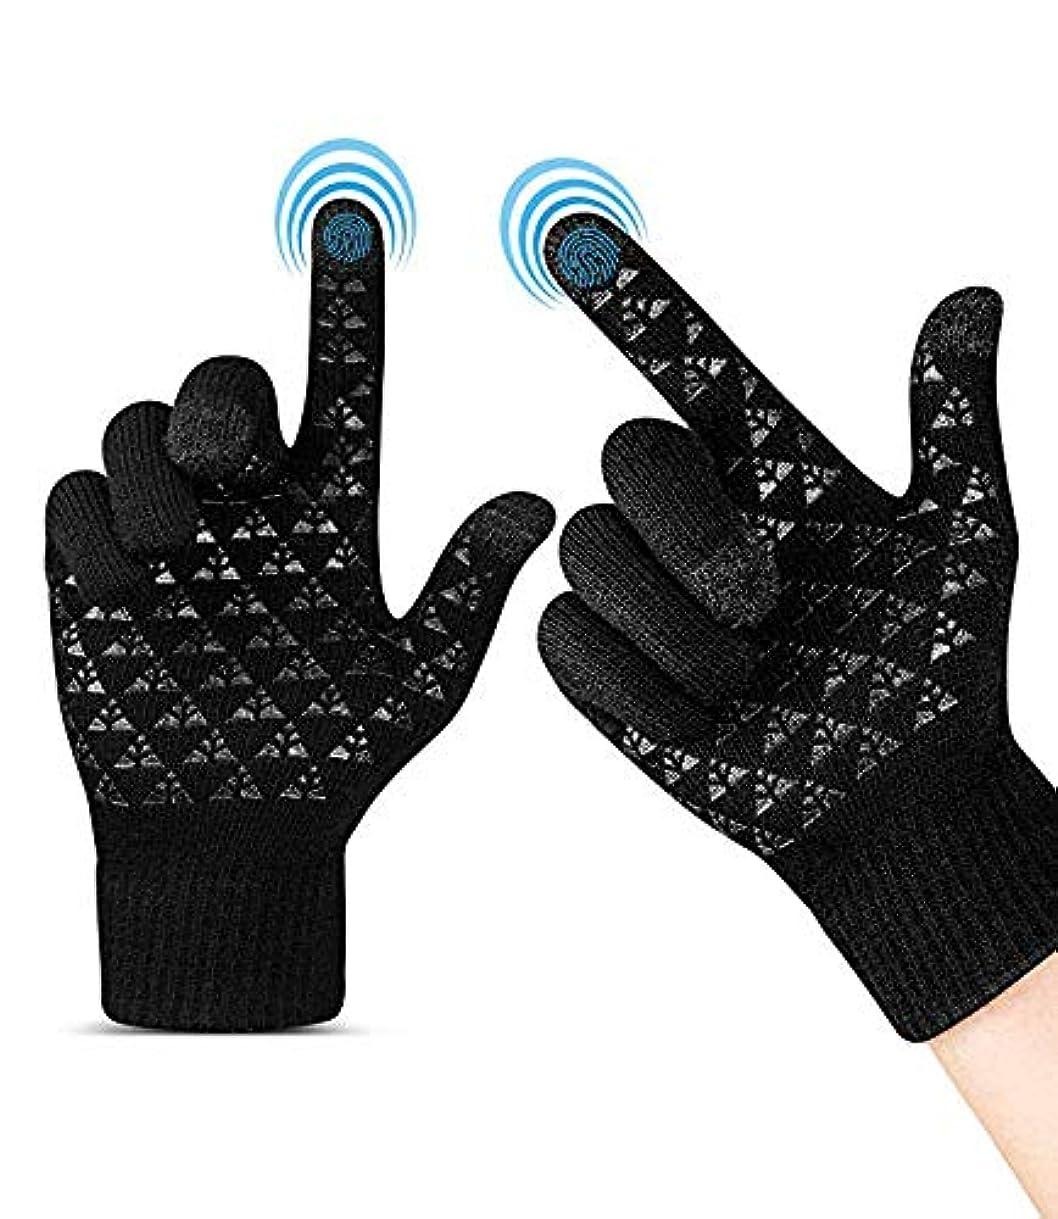 五十帽子お金女性男性のための冬の暖かいタッチスクリーン手袋 - トライアングルアンチスリップシリコーンゲル、ニットサーマルソフトライニング&伸縮性カフ